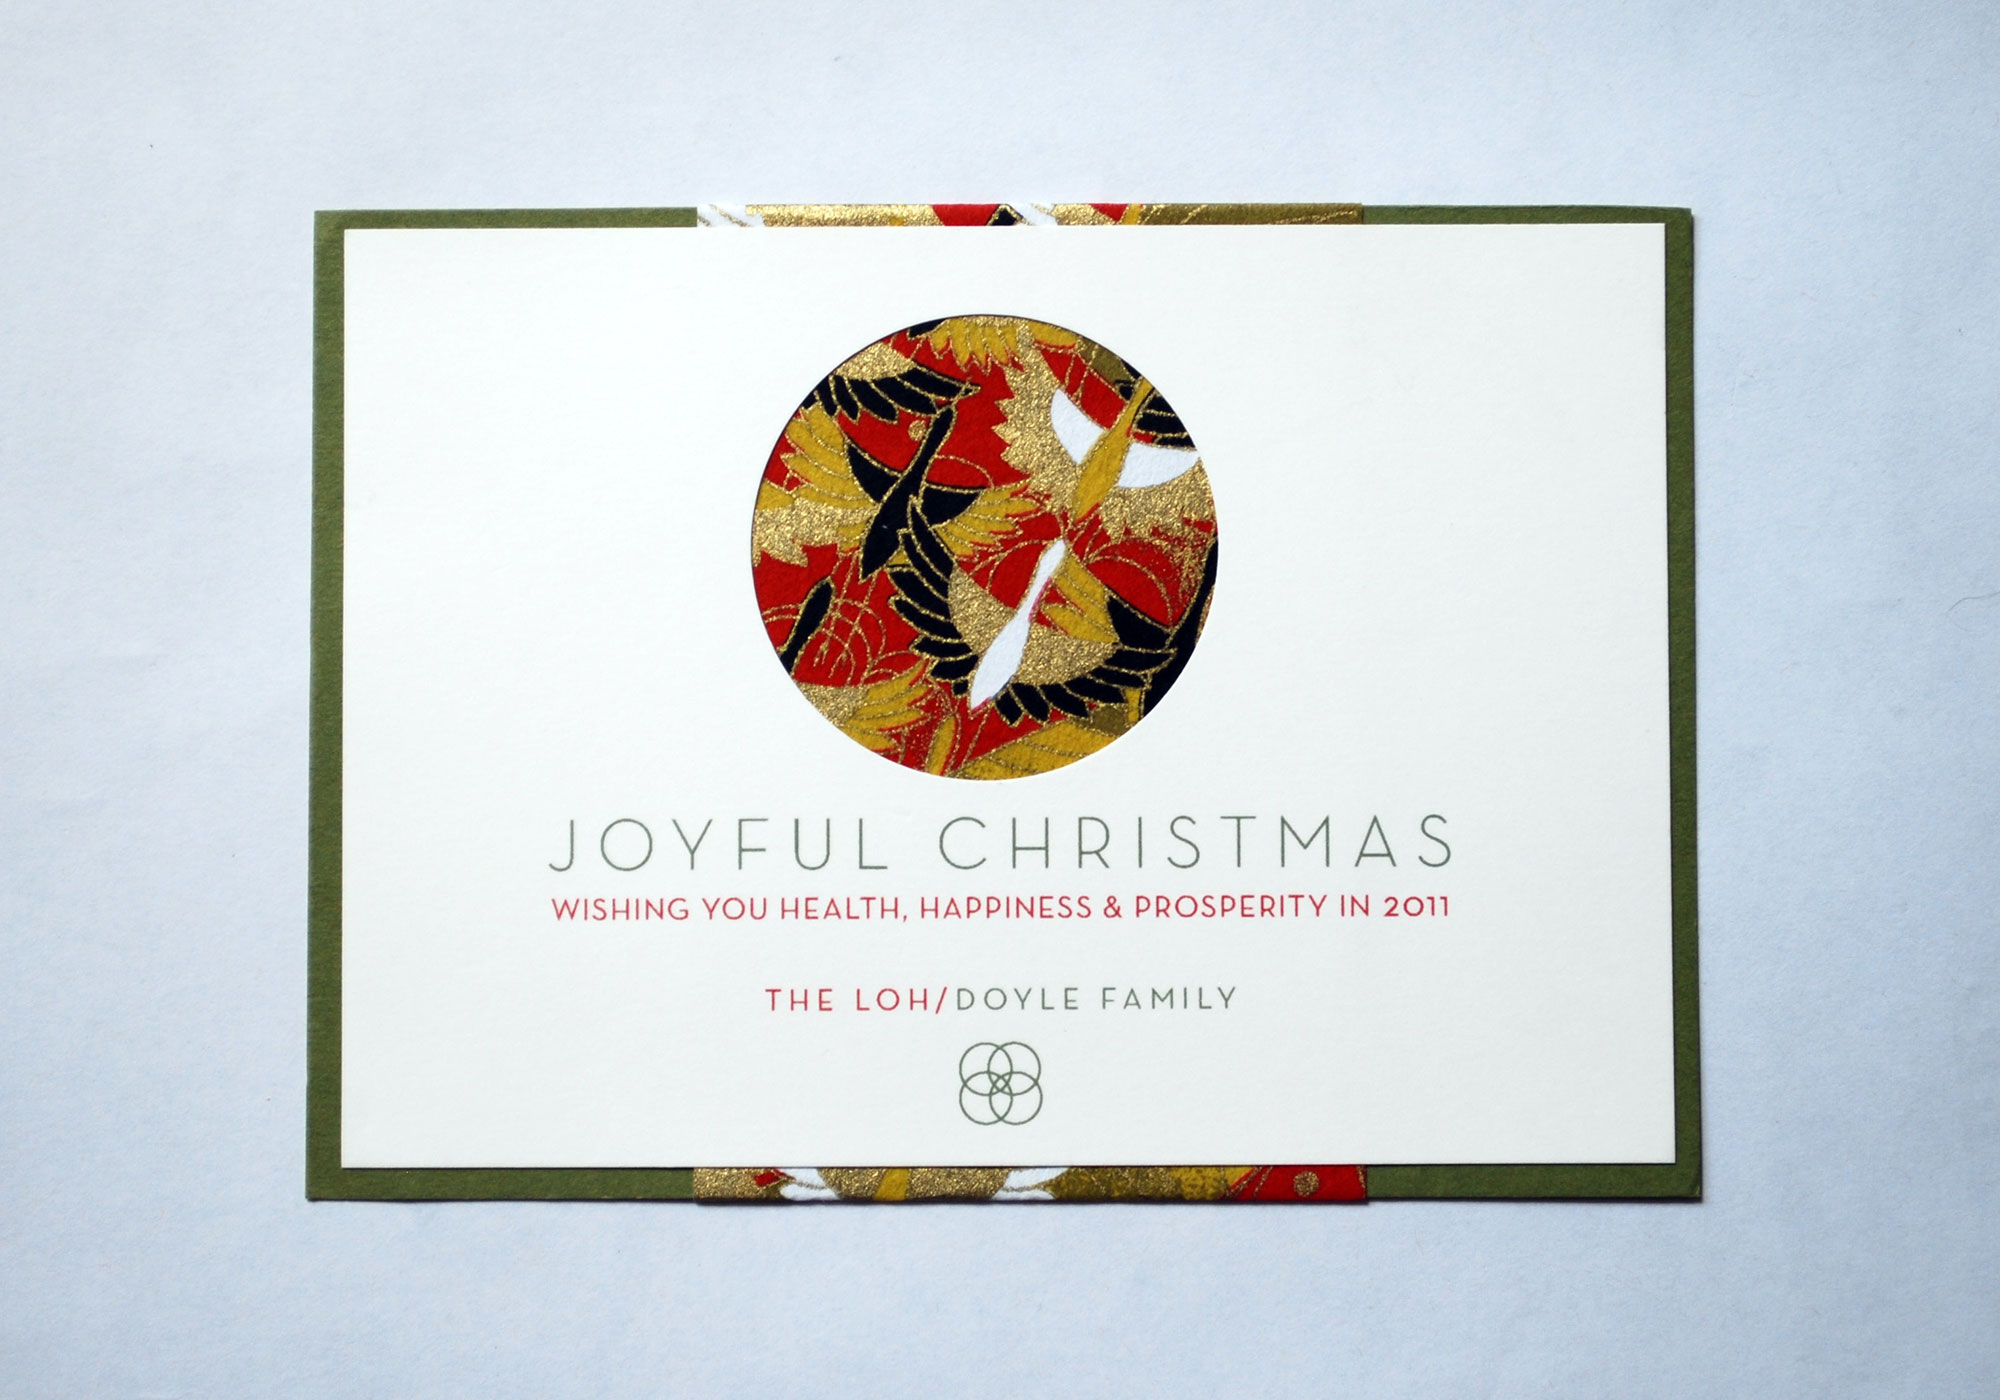 Joyful_Christmas.jpg